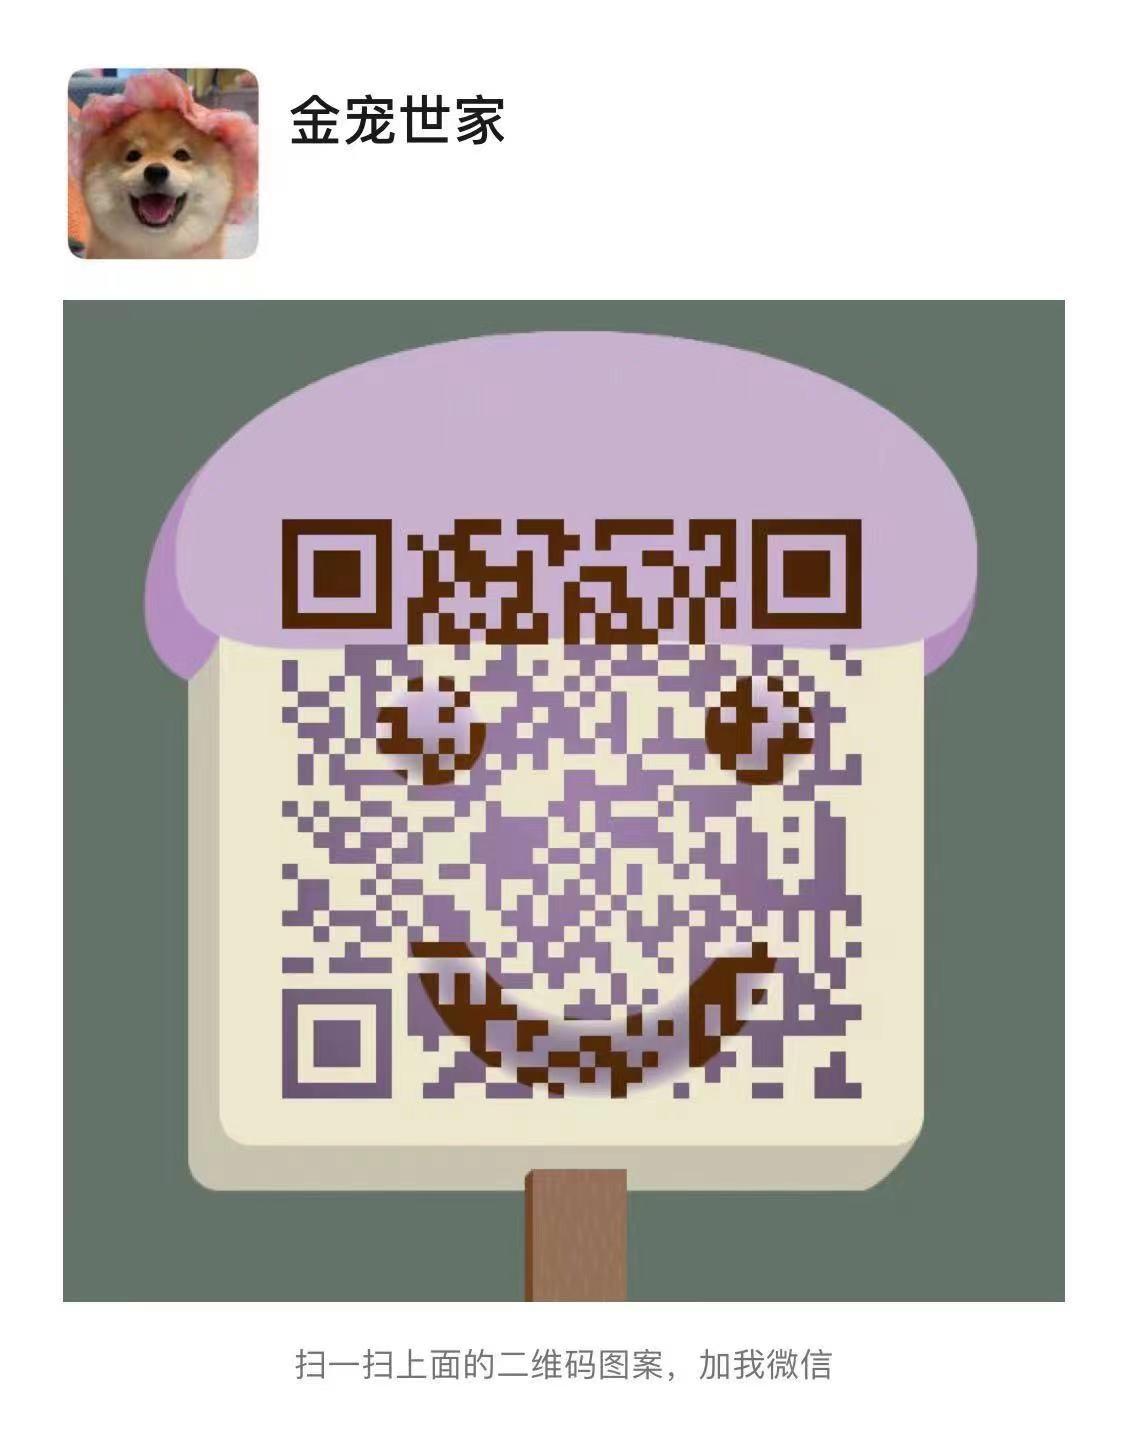 八折出售广州斗牛犬 驱虫疫苗做完 请您放心选购6